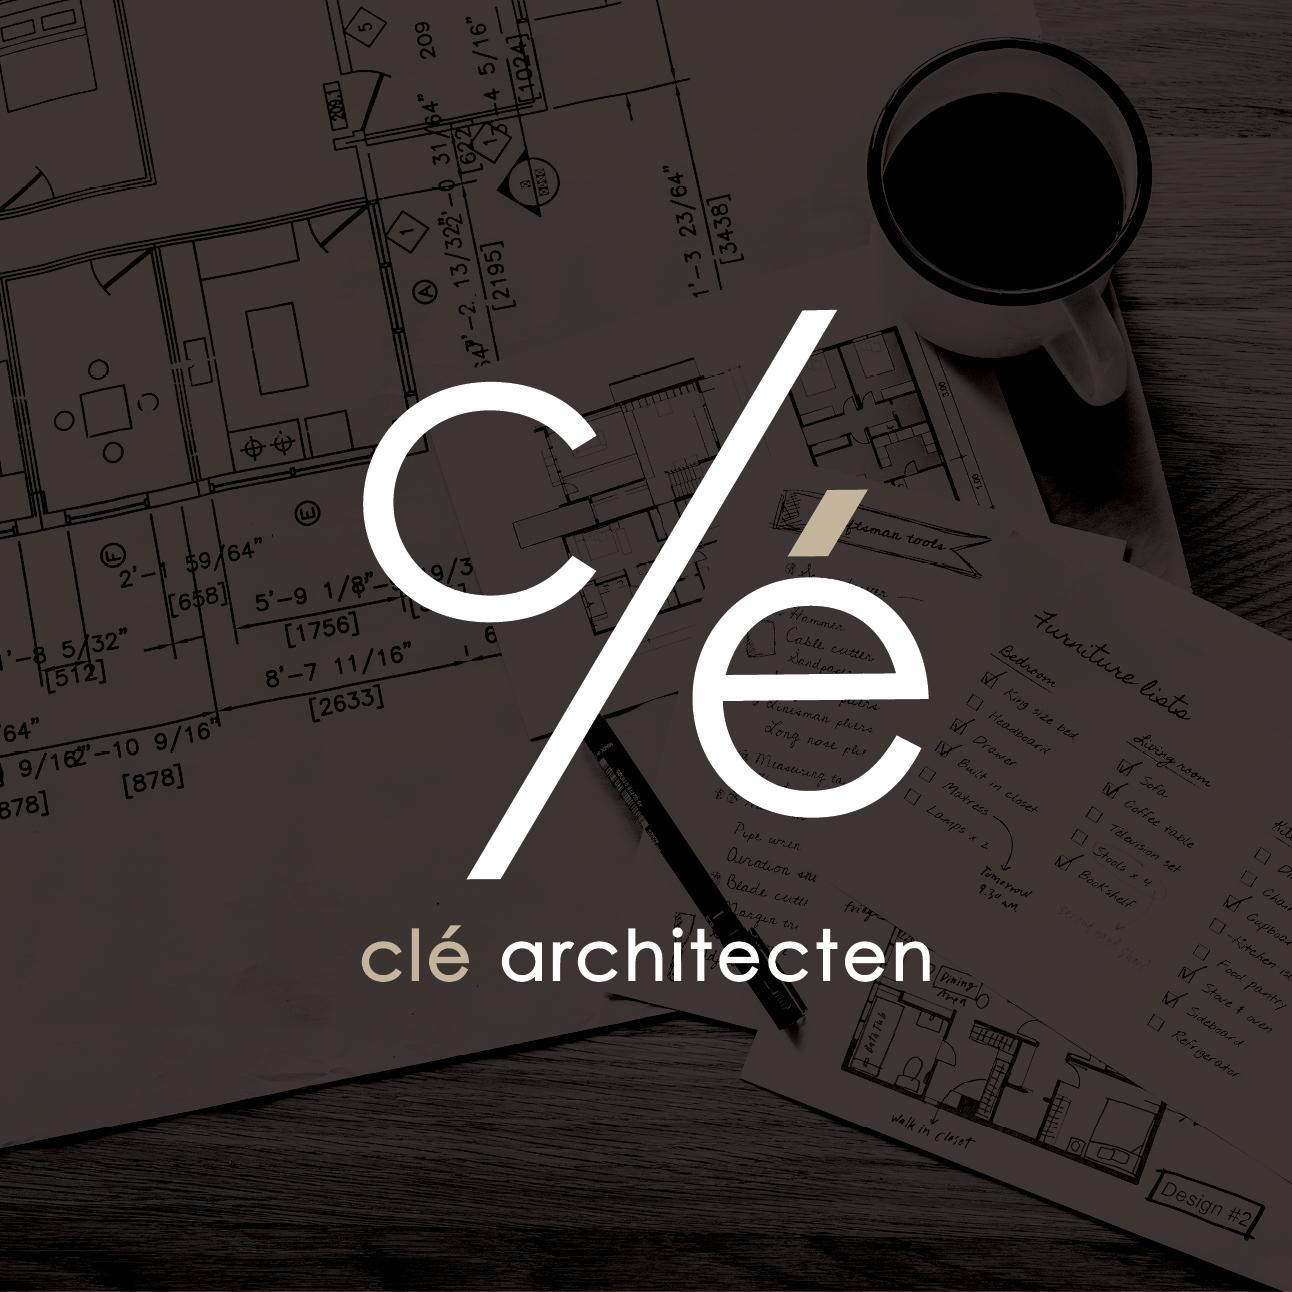 Clé Architecten